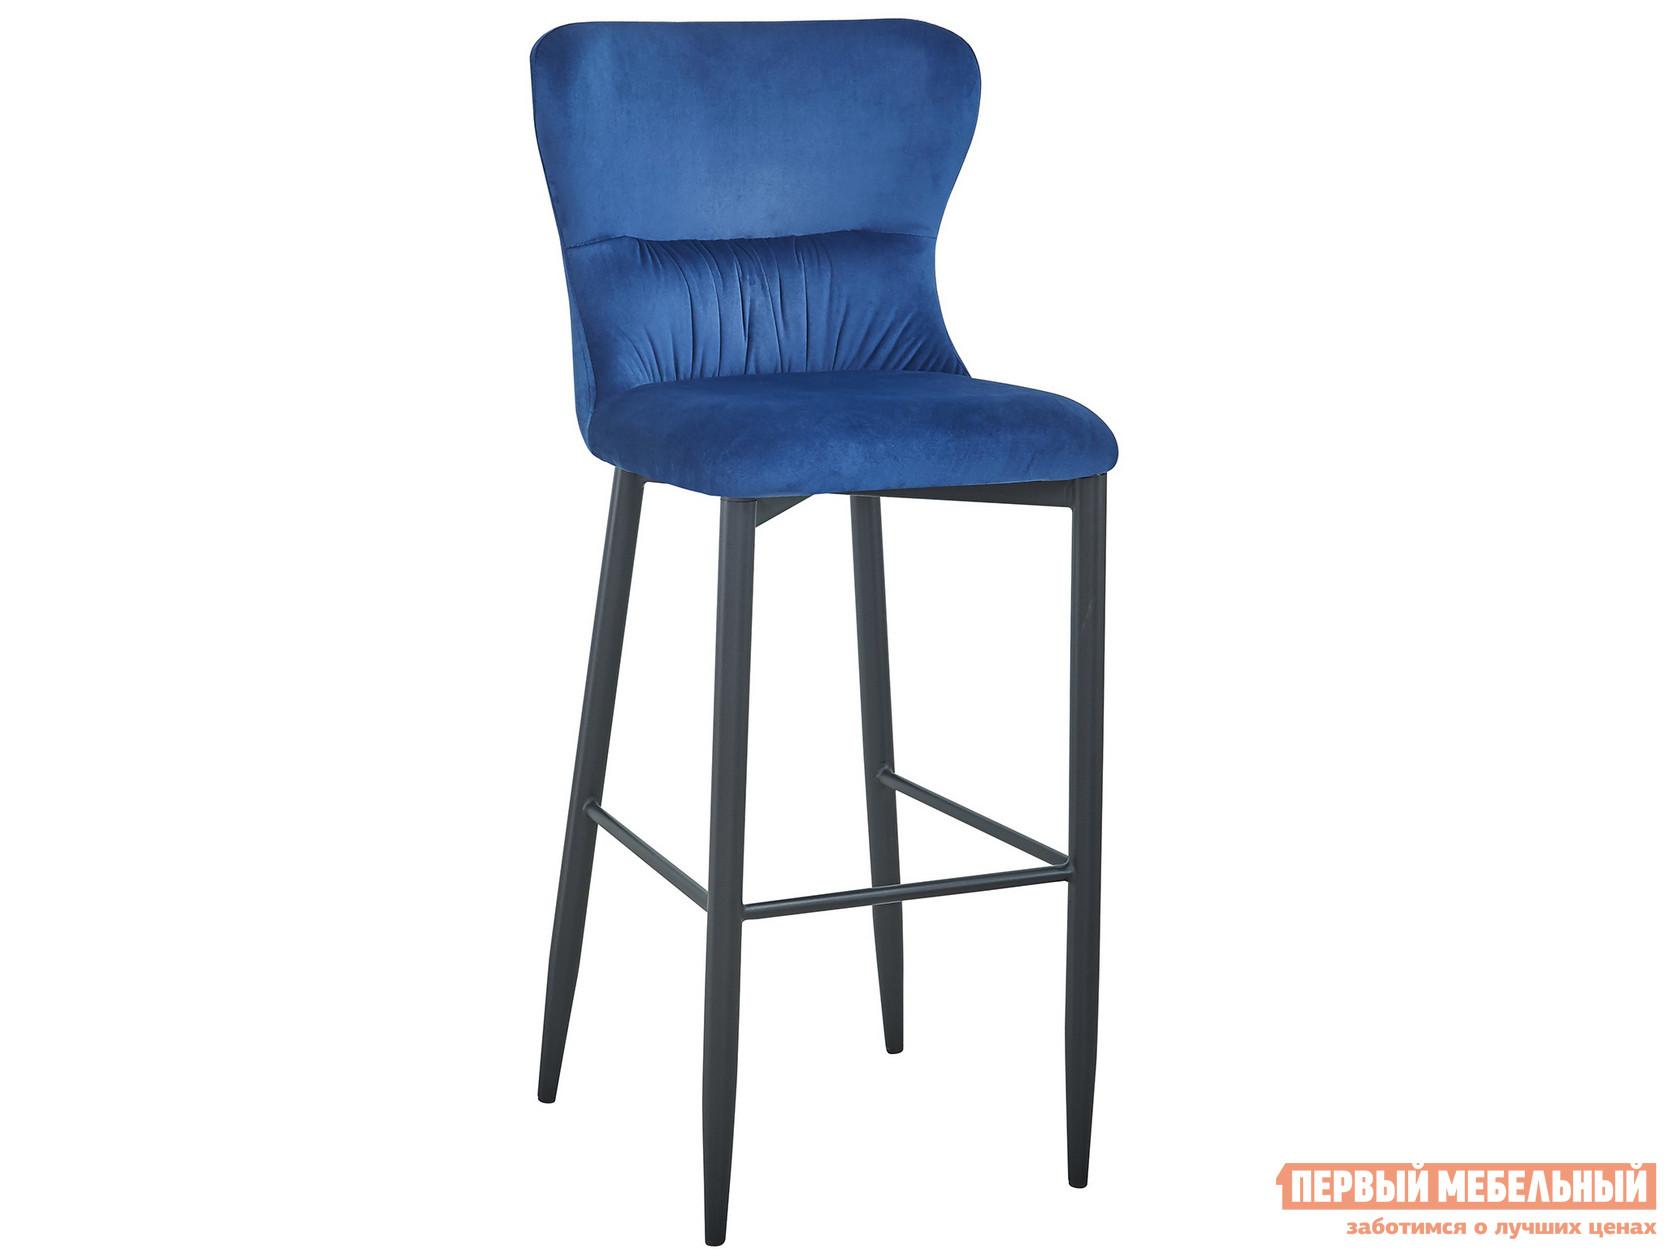 Барный стул  полубарный Лилиан MC151C VELVET HLR-64 Темно-синий, велюр, Stool Group 105184